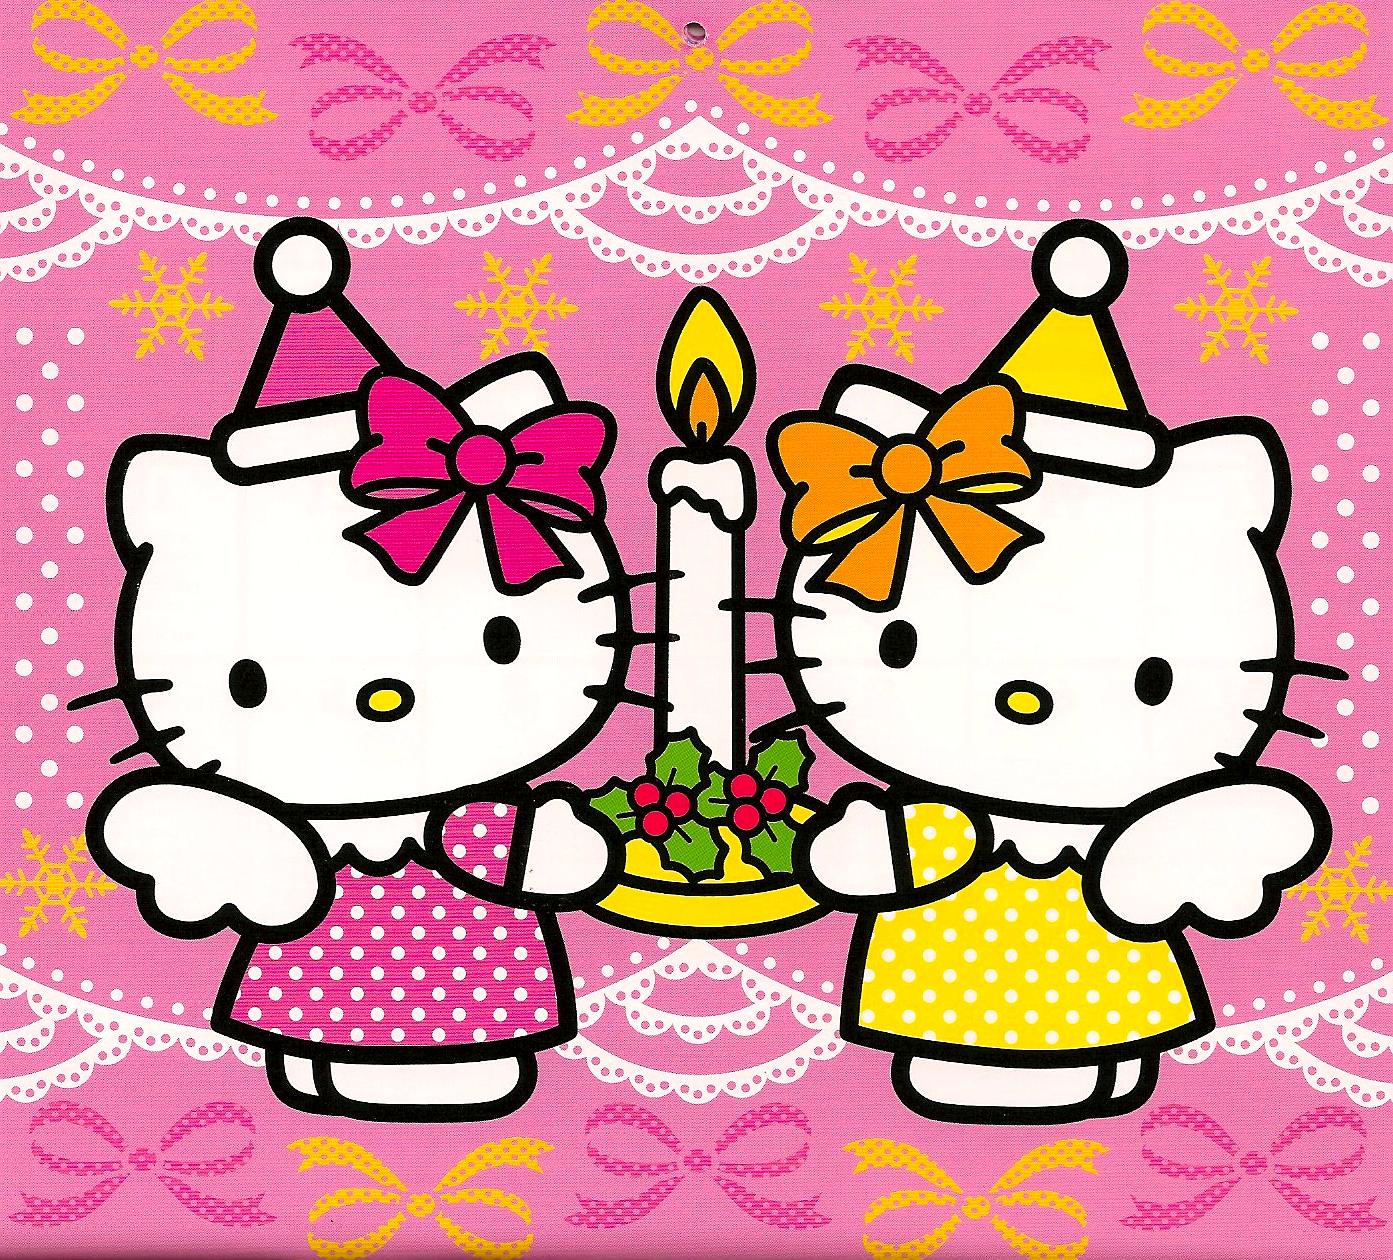 75+ Hello Kitty Christmas Wallpapers on WallpaperSafari